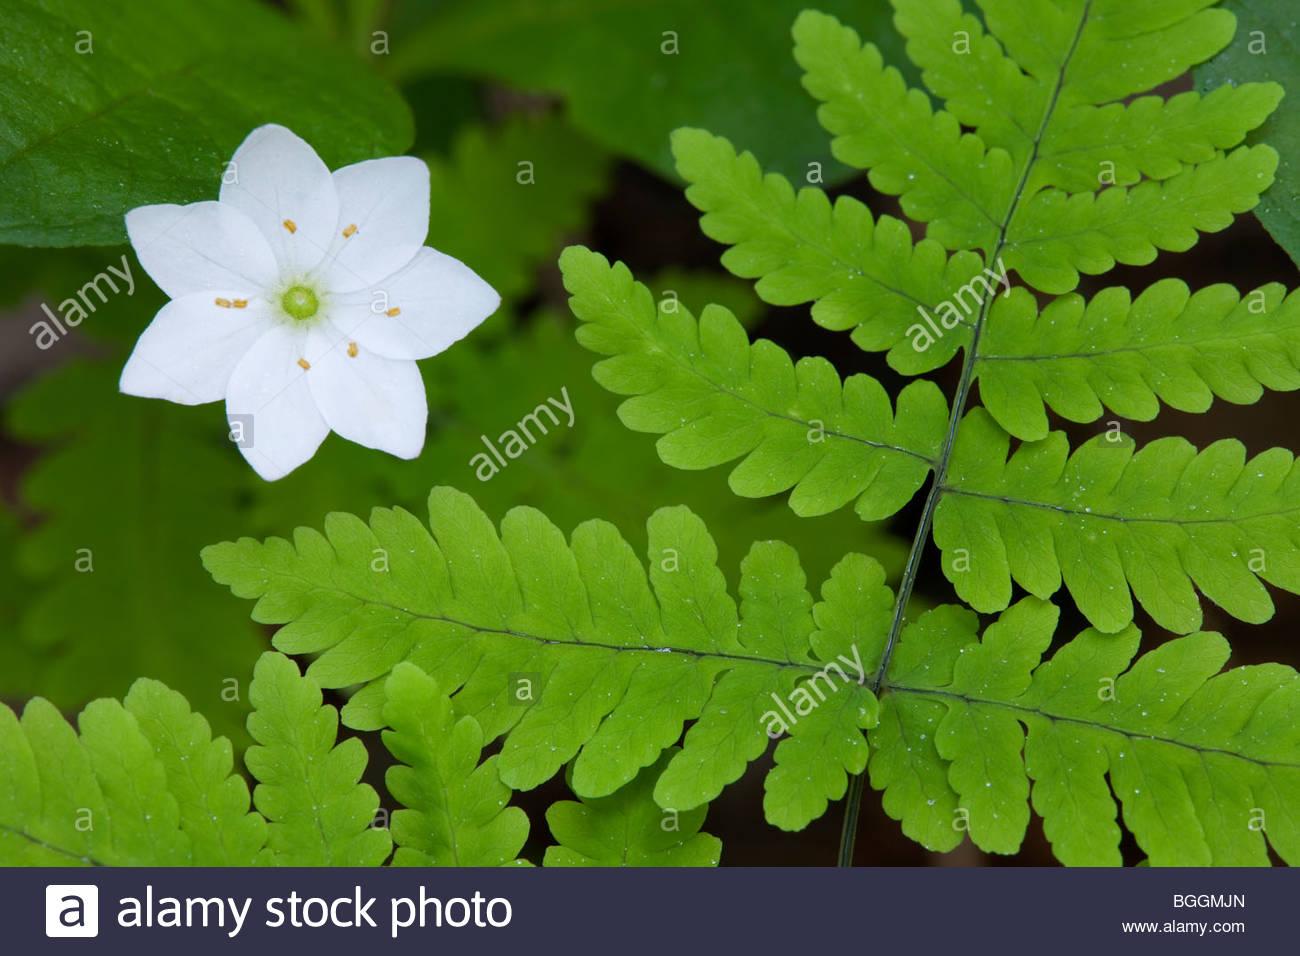 Alaska Wasilla, photographie de Macro Fleur Star (Trientalis europaea ssp arctica) et fern sur sol de la forêt. Banque D'Images